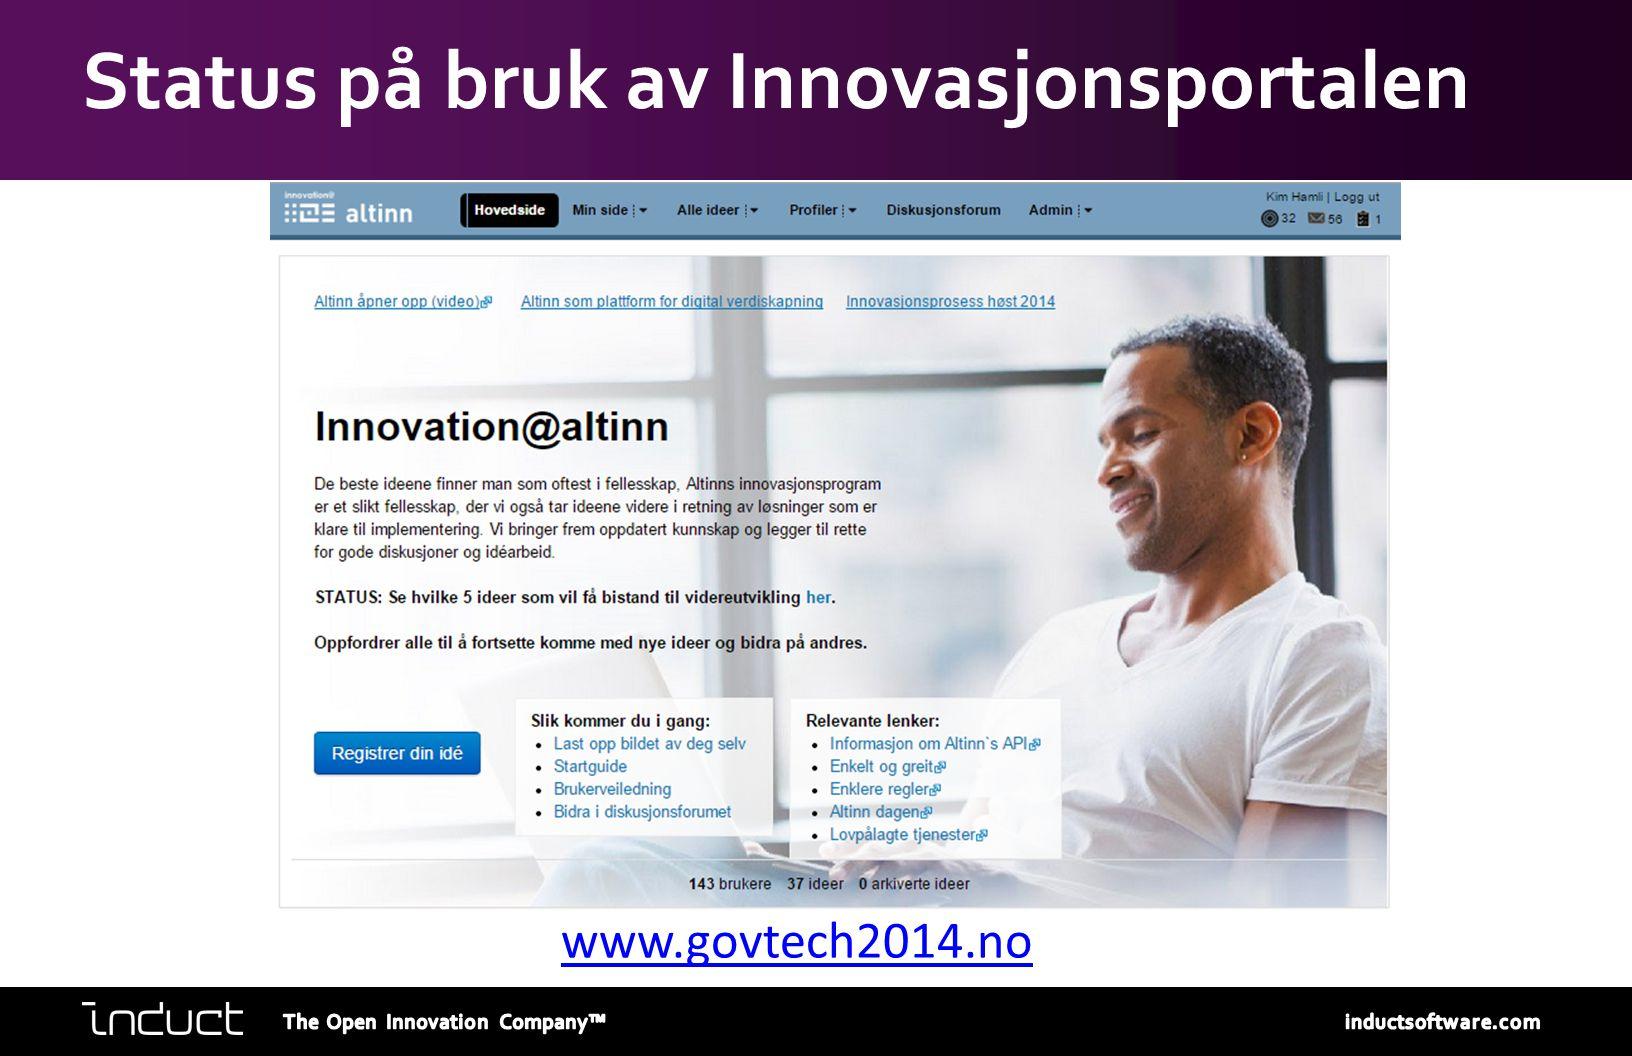 Status på bruk av Innovasjonsportalen www.govtech2014.no